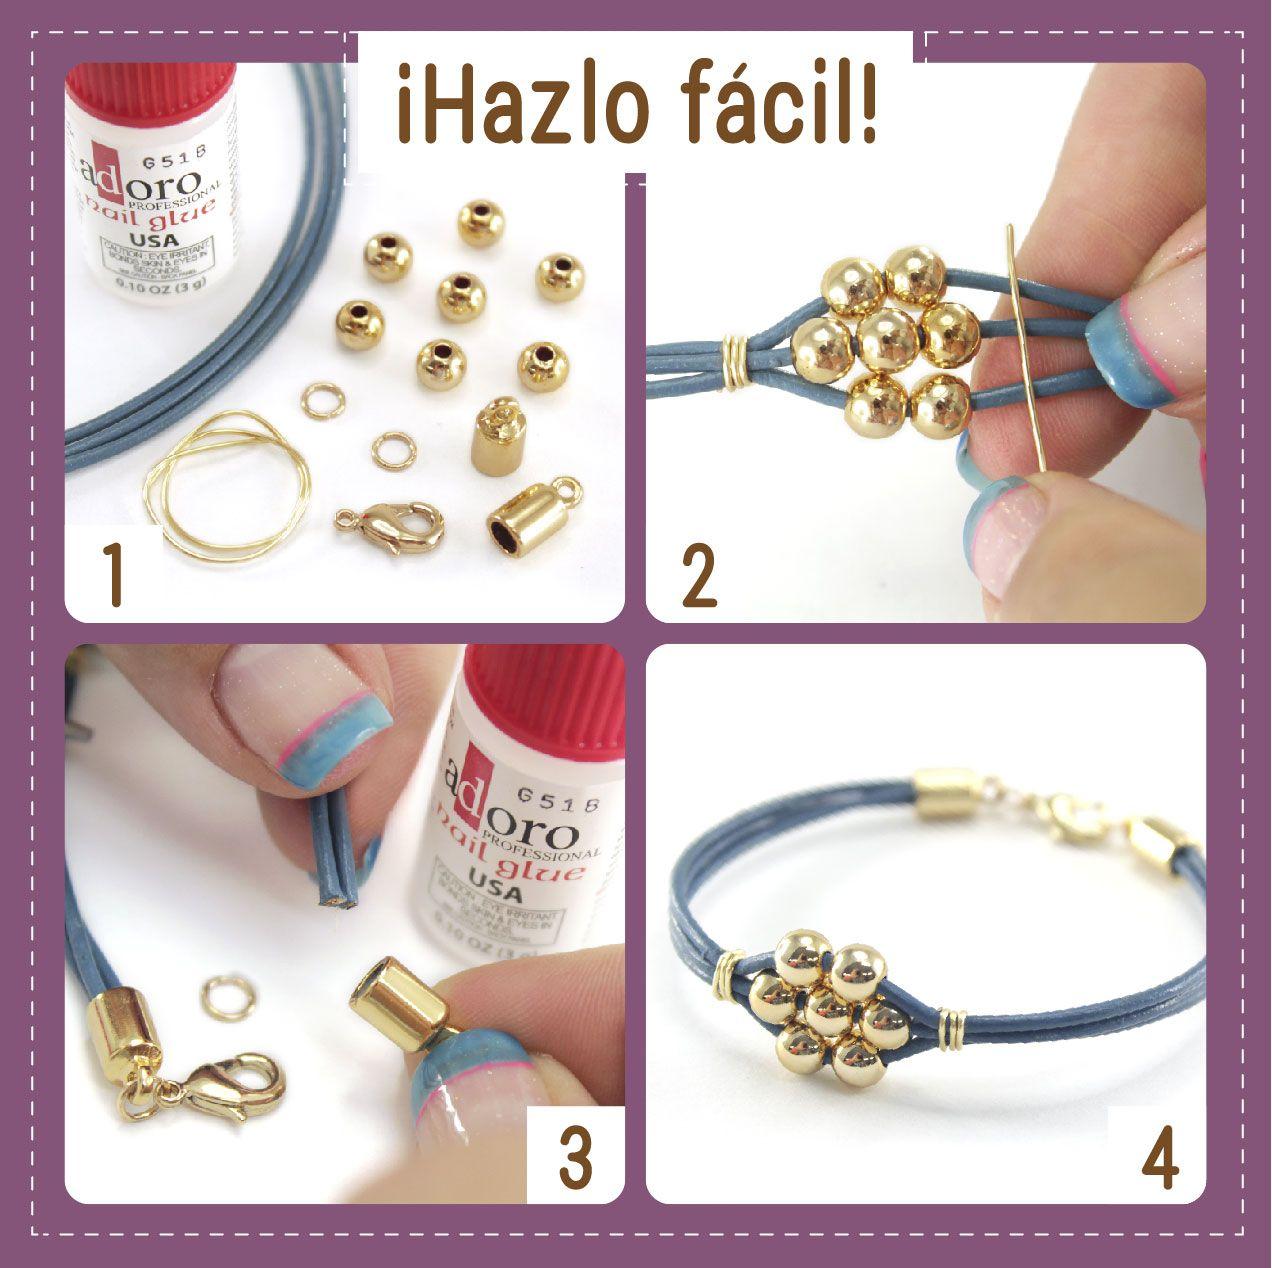 b71a4637c727 Hazlo fácil! Mira cómo se hace una hermosa pulsera en solo 4 pasos ...